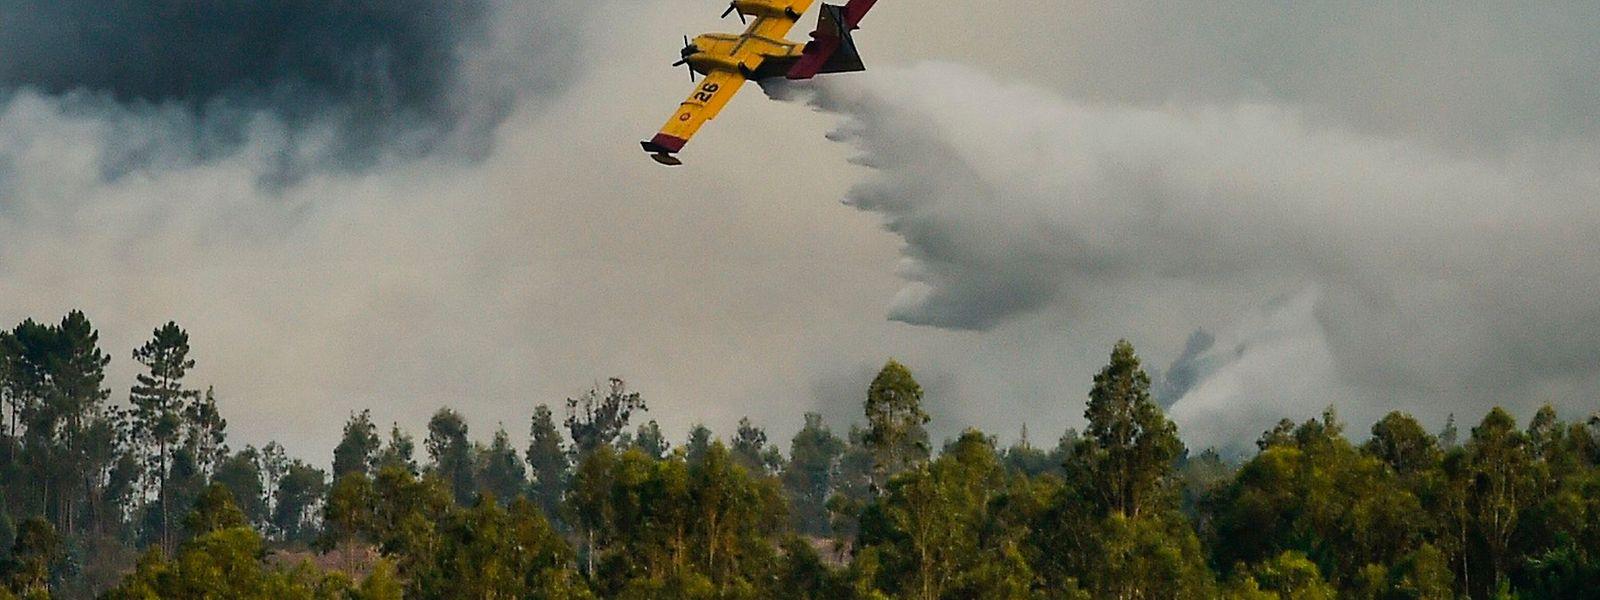 Alle eingesetzten Flugzeuge sind aus dem Einsatz zurückgekehrt, so der Zivilschutz.